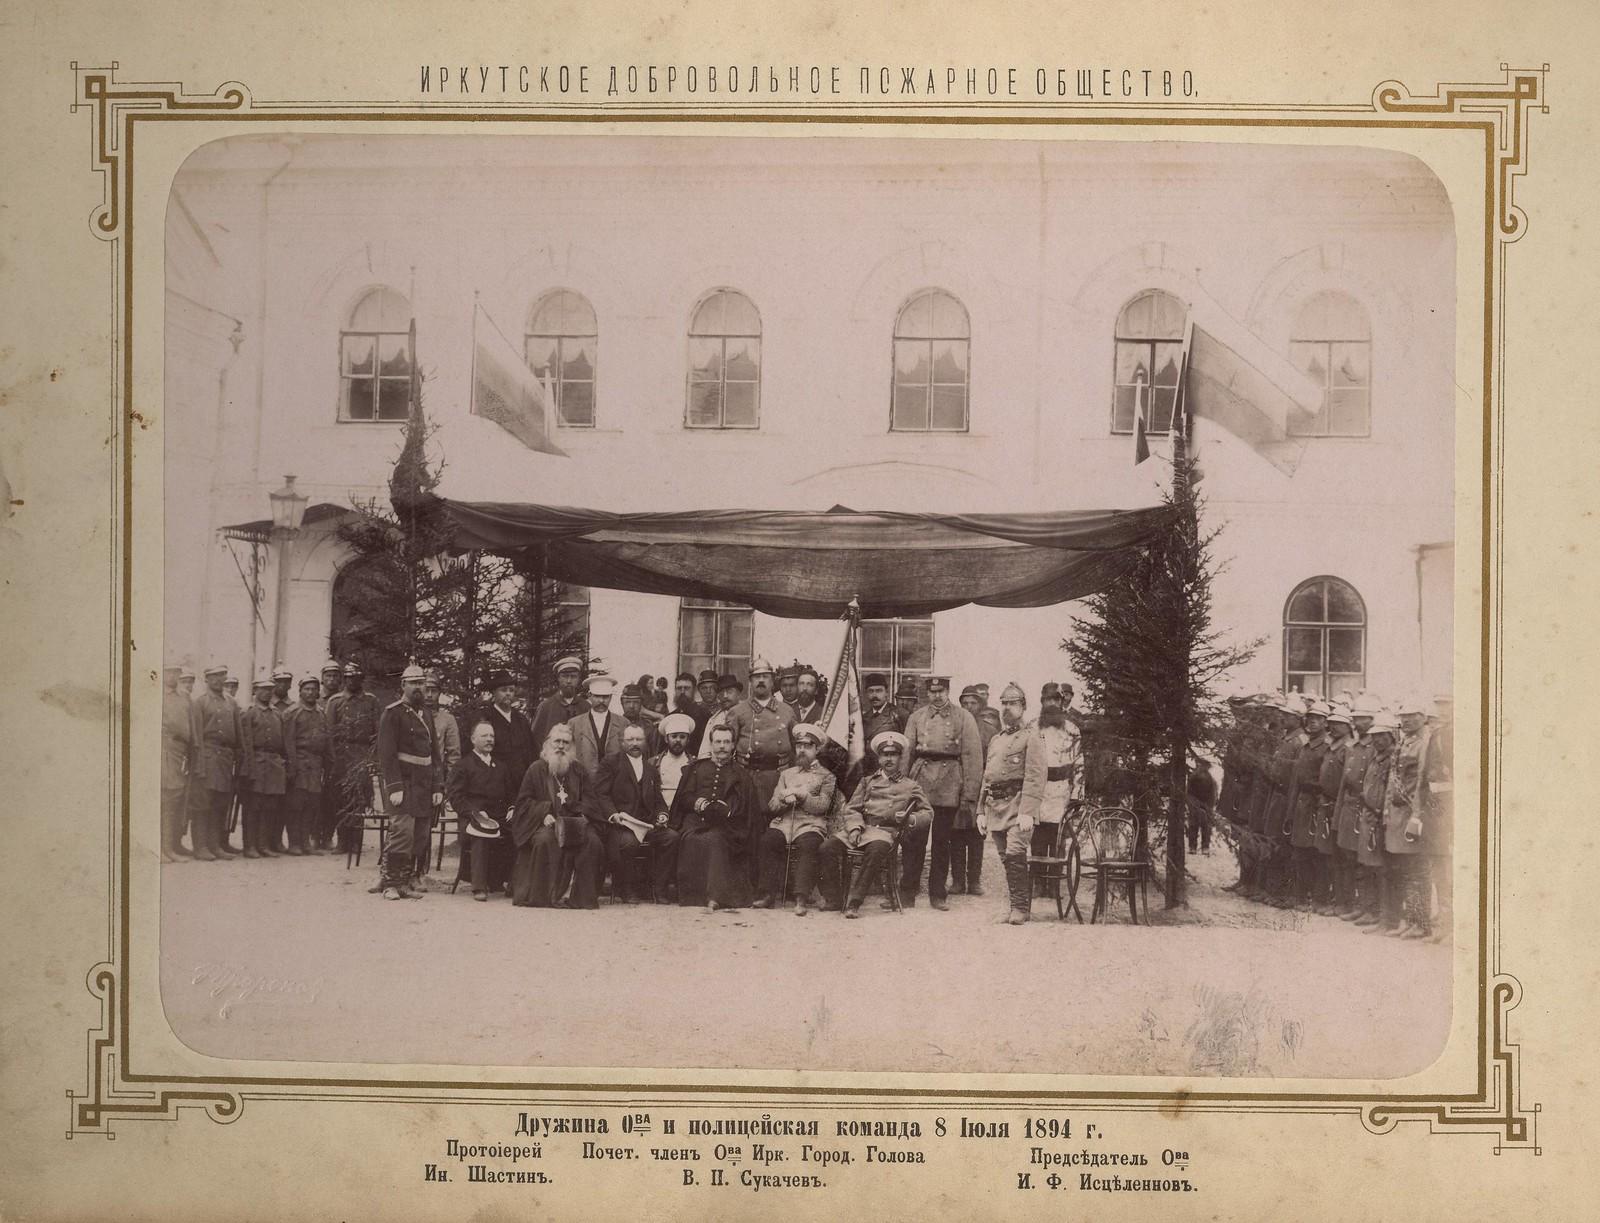 05. Дружина Общества и полицейская команда 8 июля 1894 года